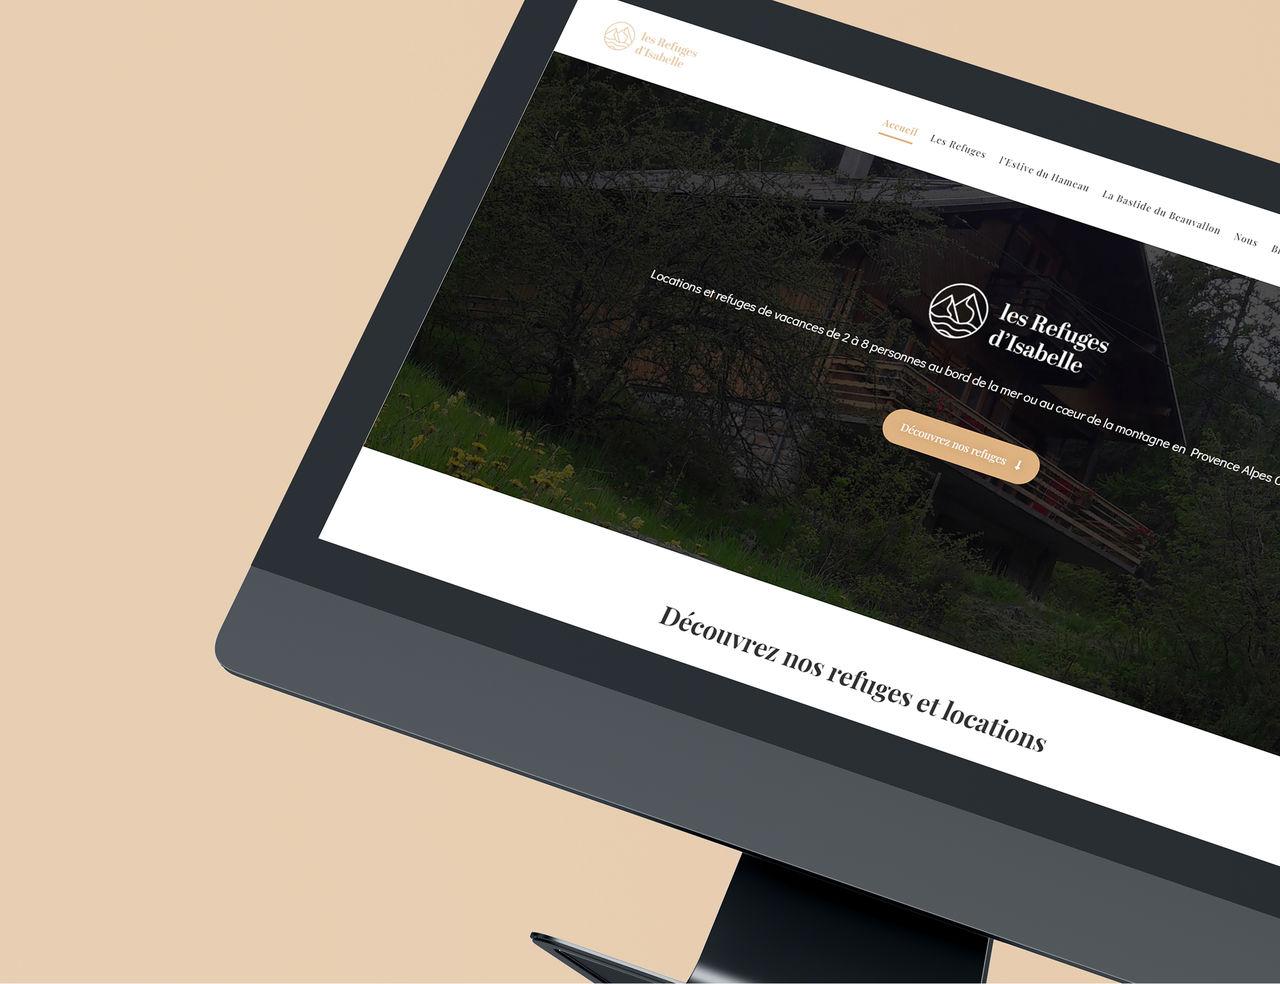 Les Refuges d'Isabelle - Création de site internet